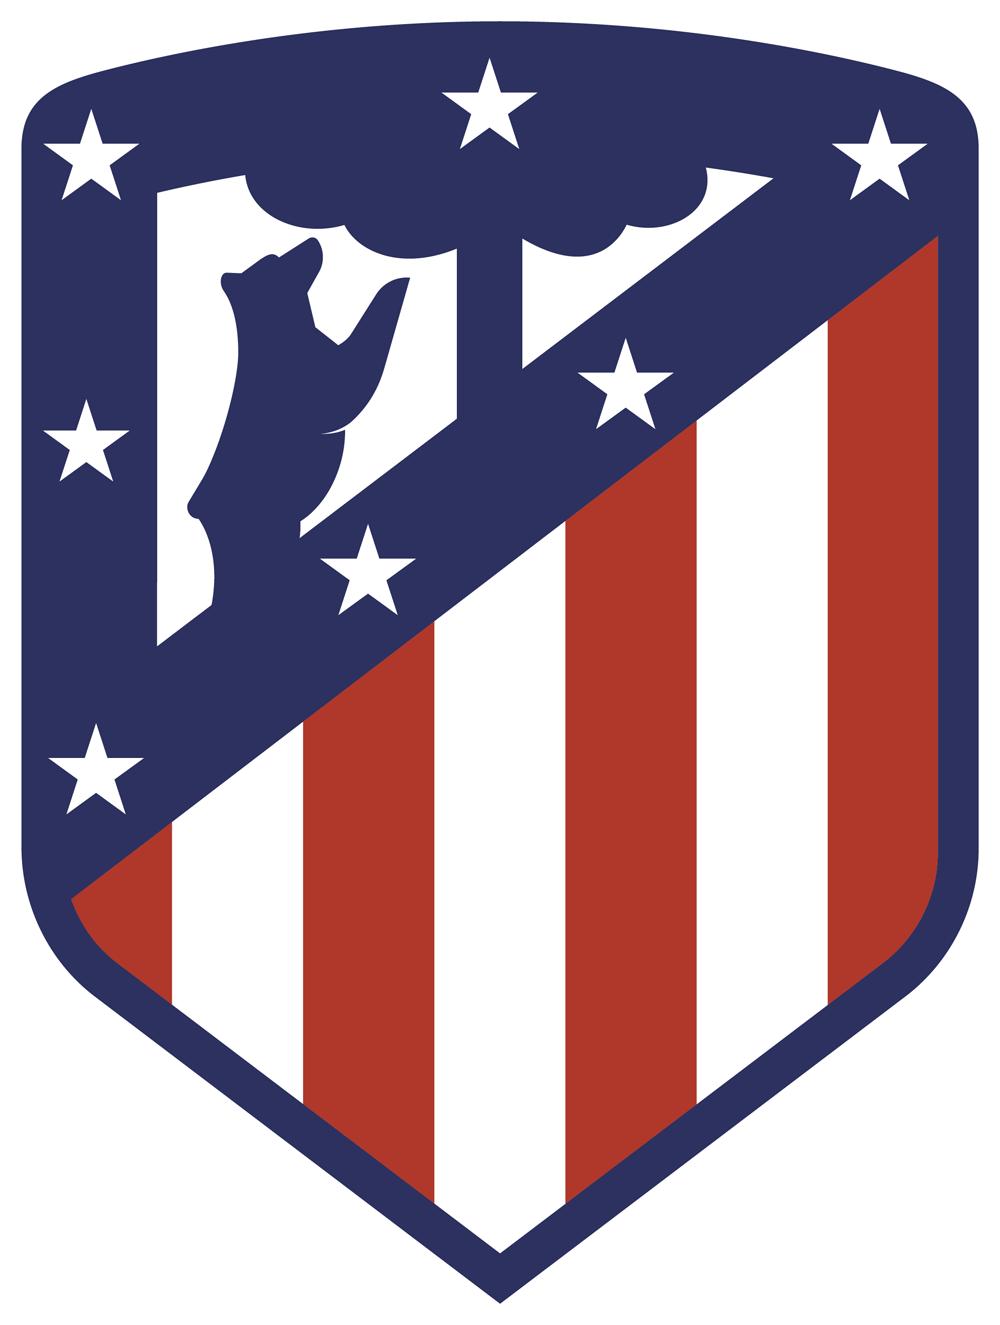 atletico_de_madrid_shield_detail.png